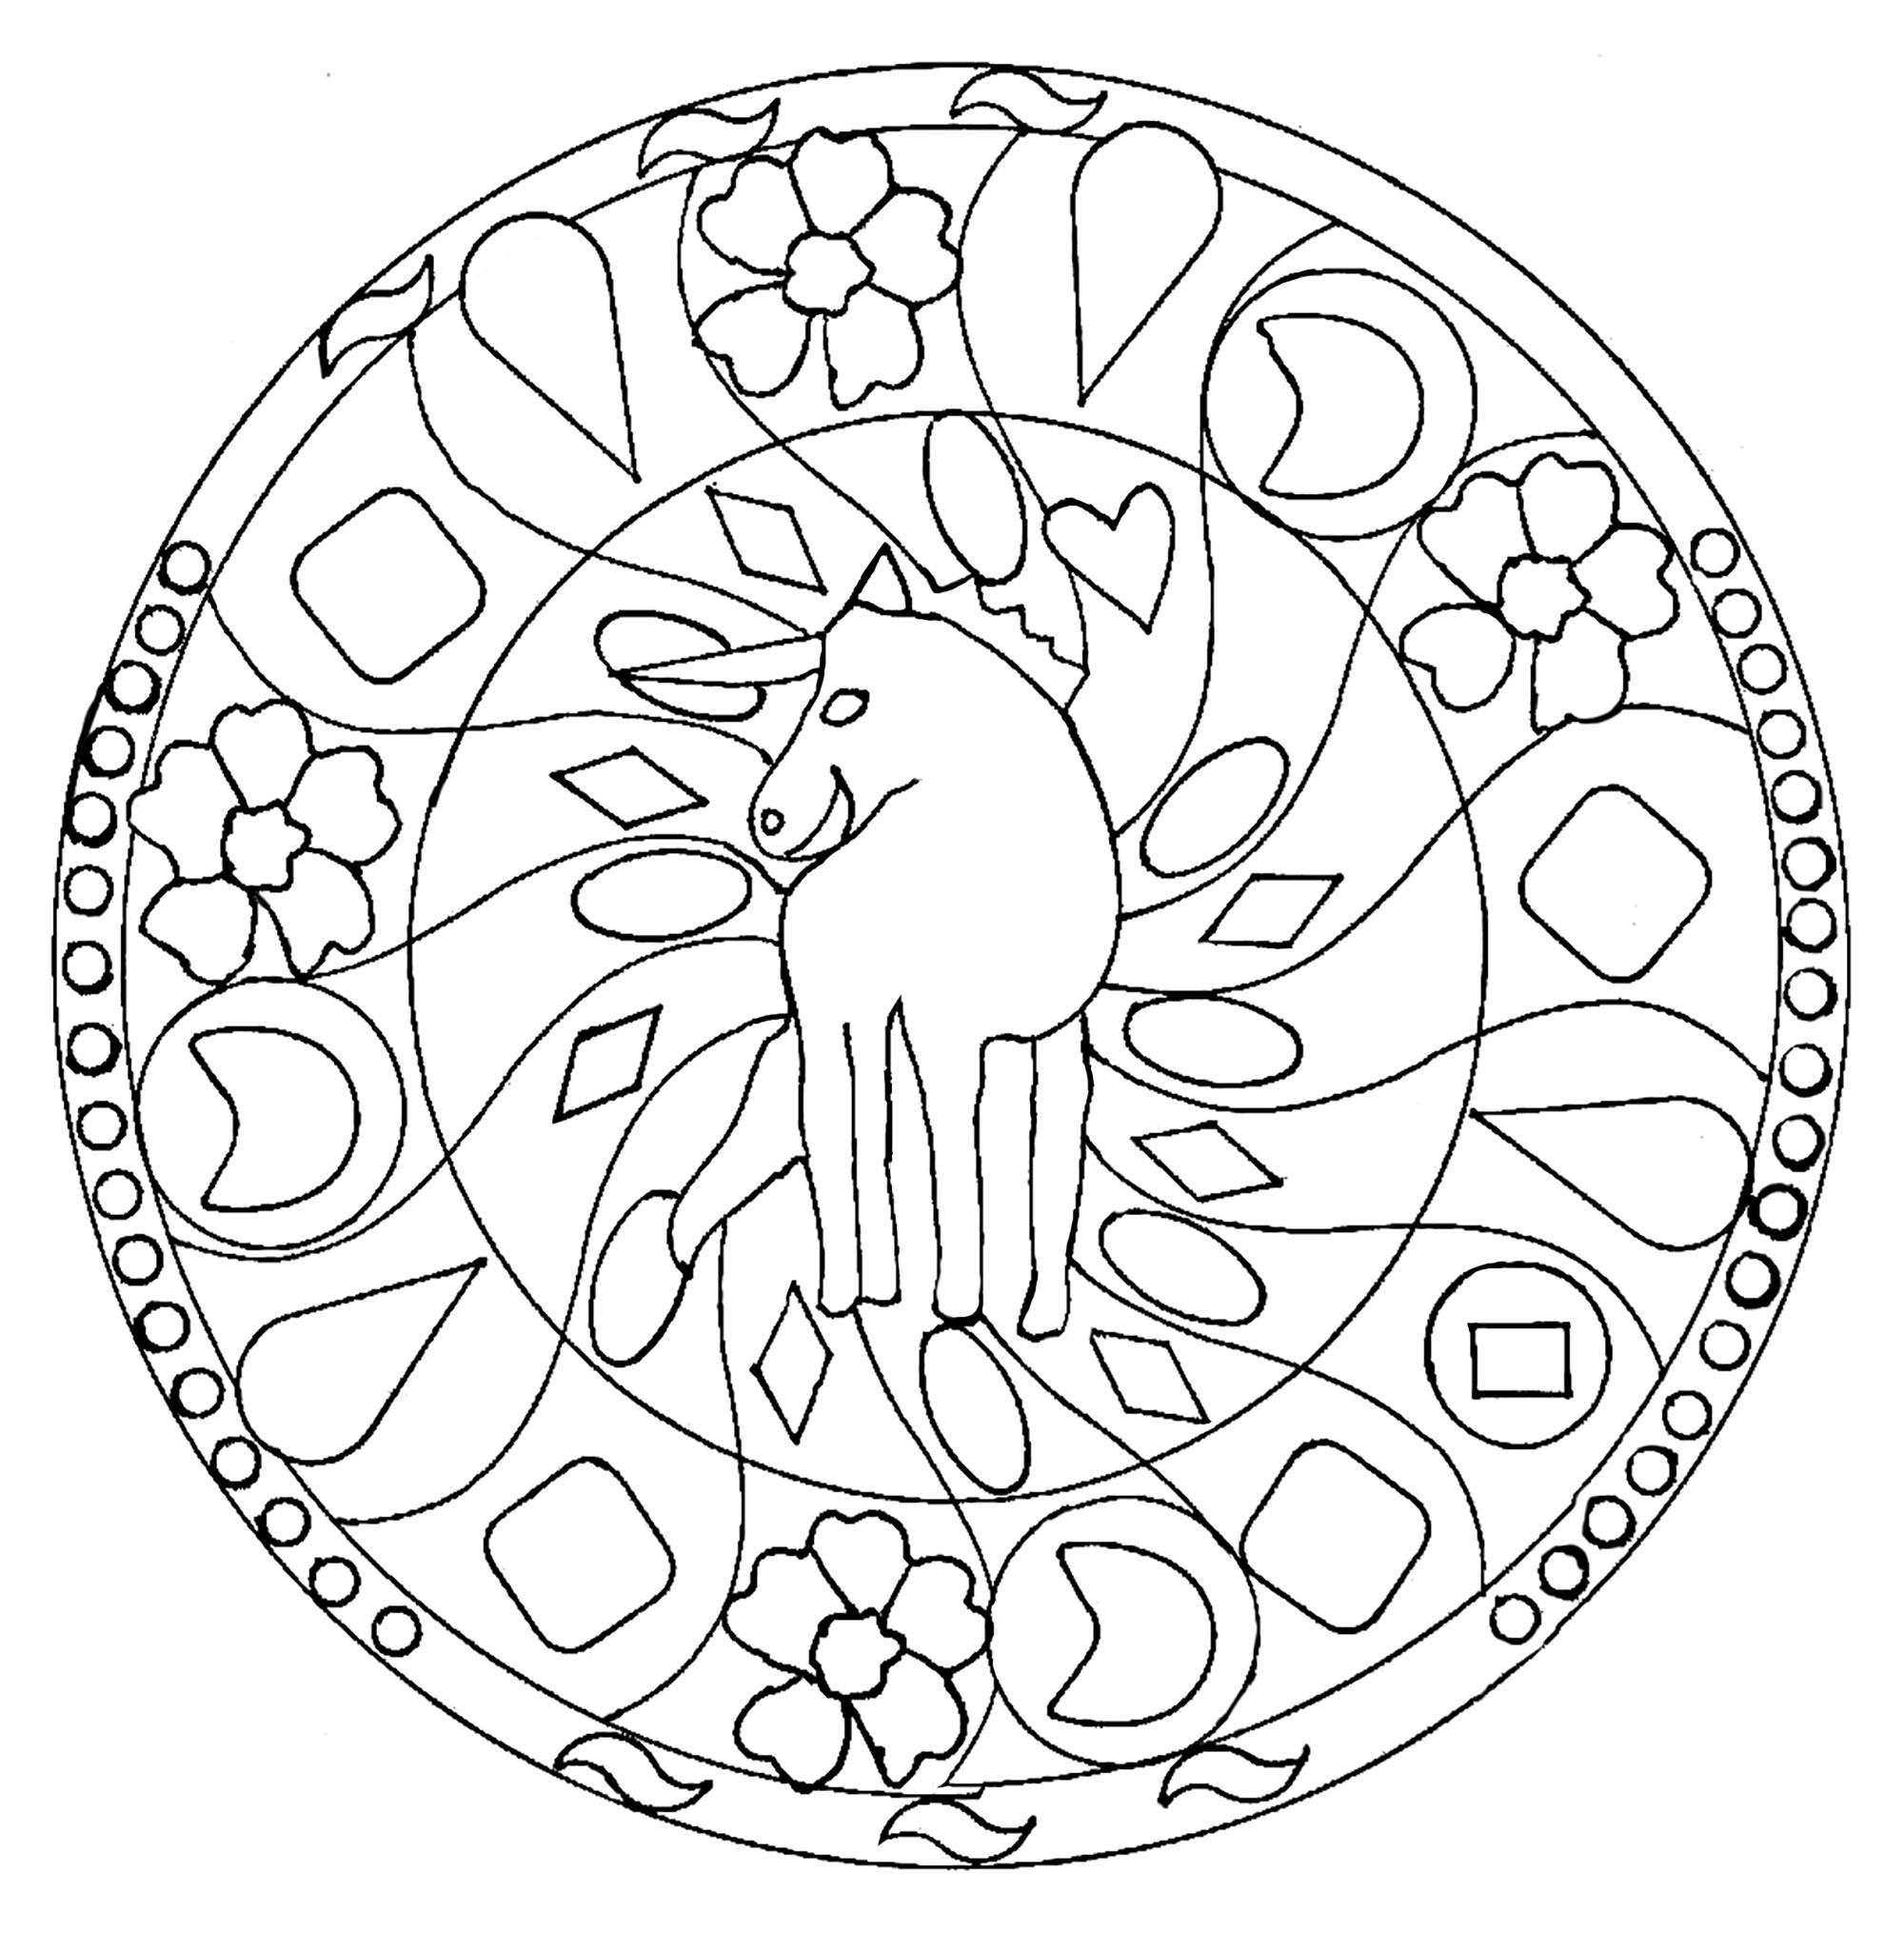 Mandala animaux pour enfants mandalas sur le th me des - Mandalas animaux ...